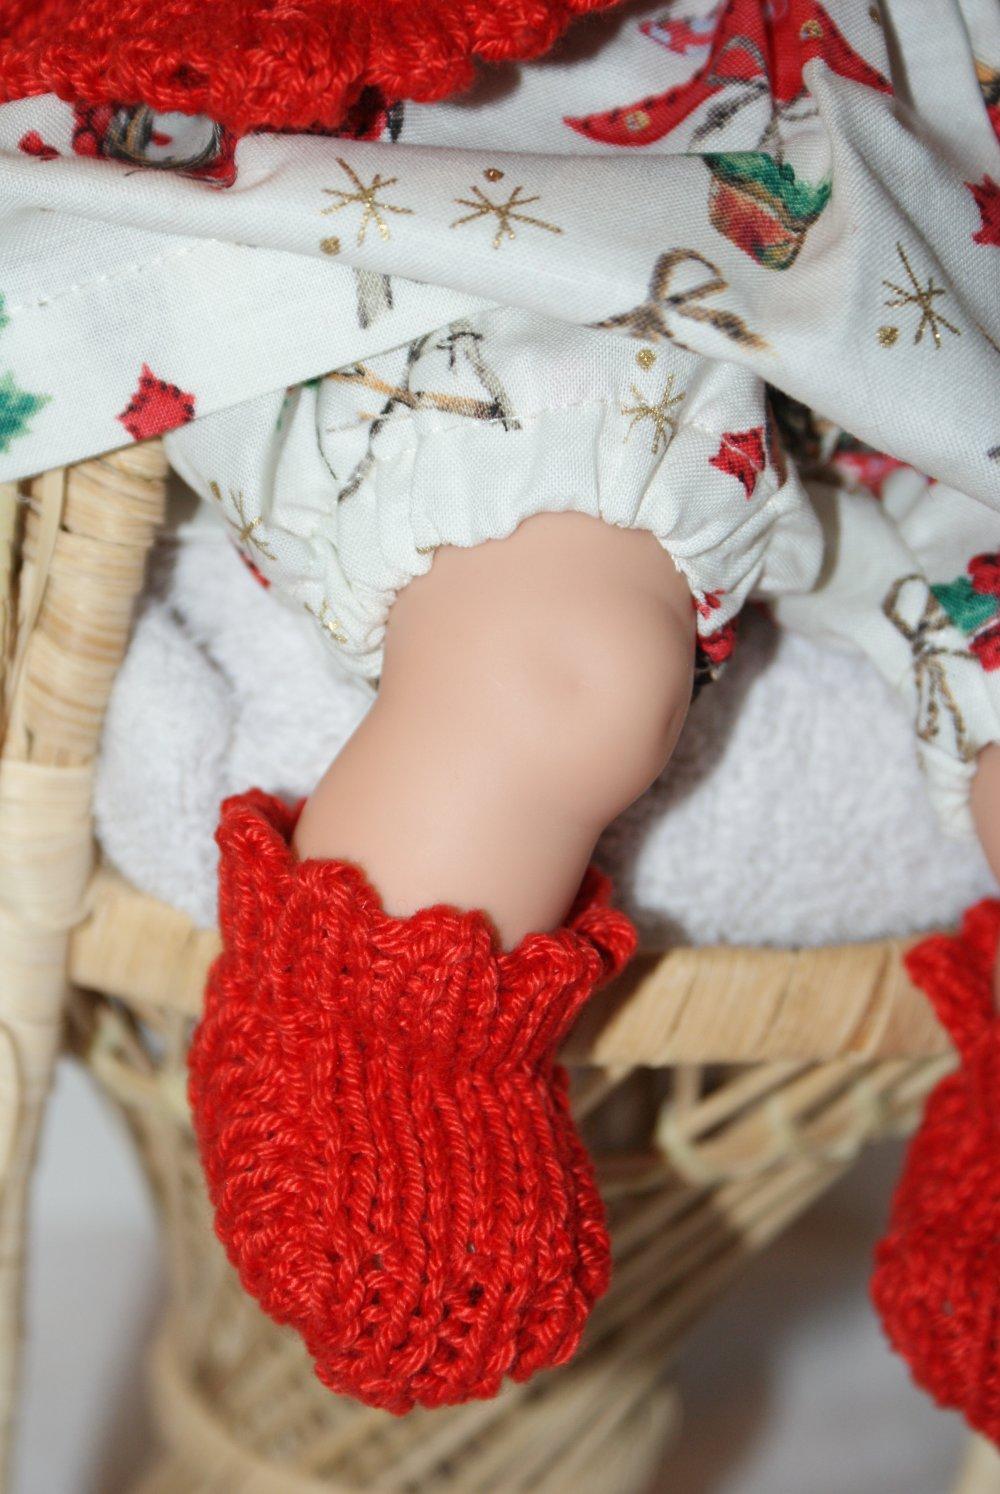 vêtement pour poupon 30 cm robe  rouge , vert et doré theme Noel avec bonnet lutin rouge